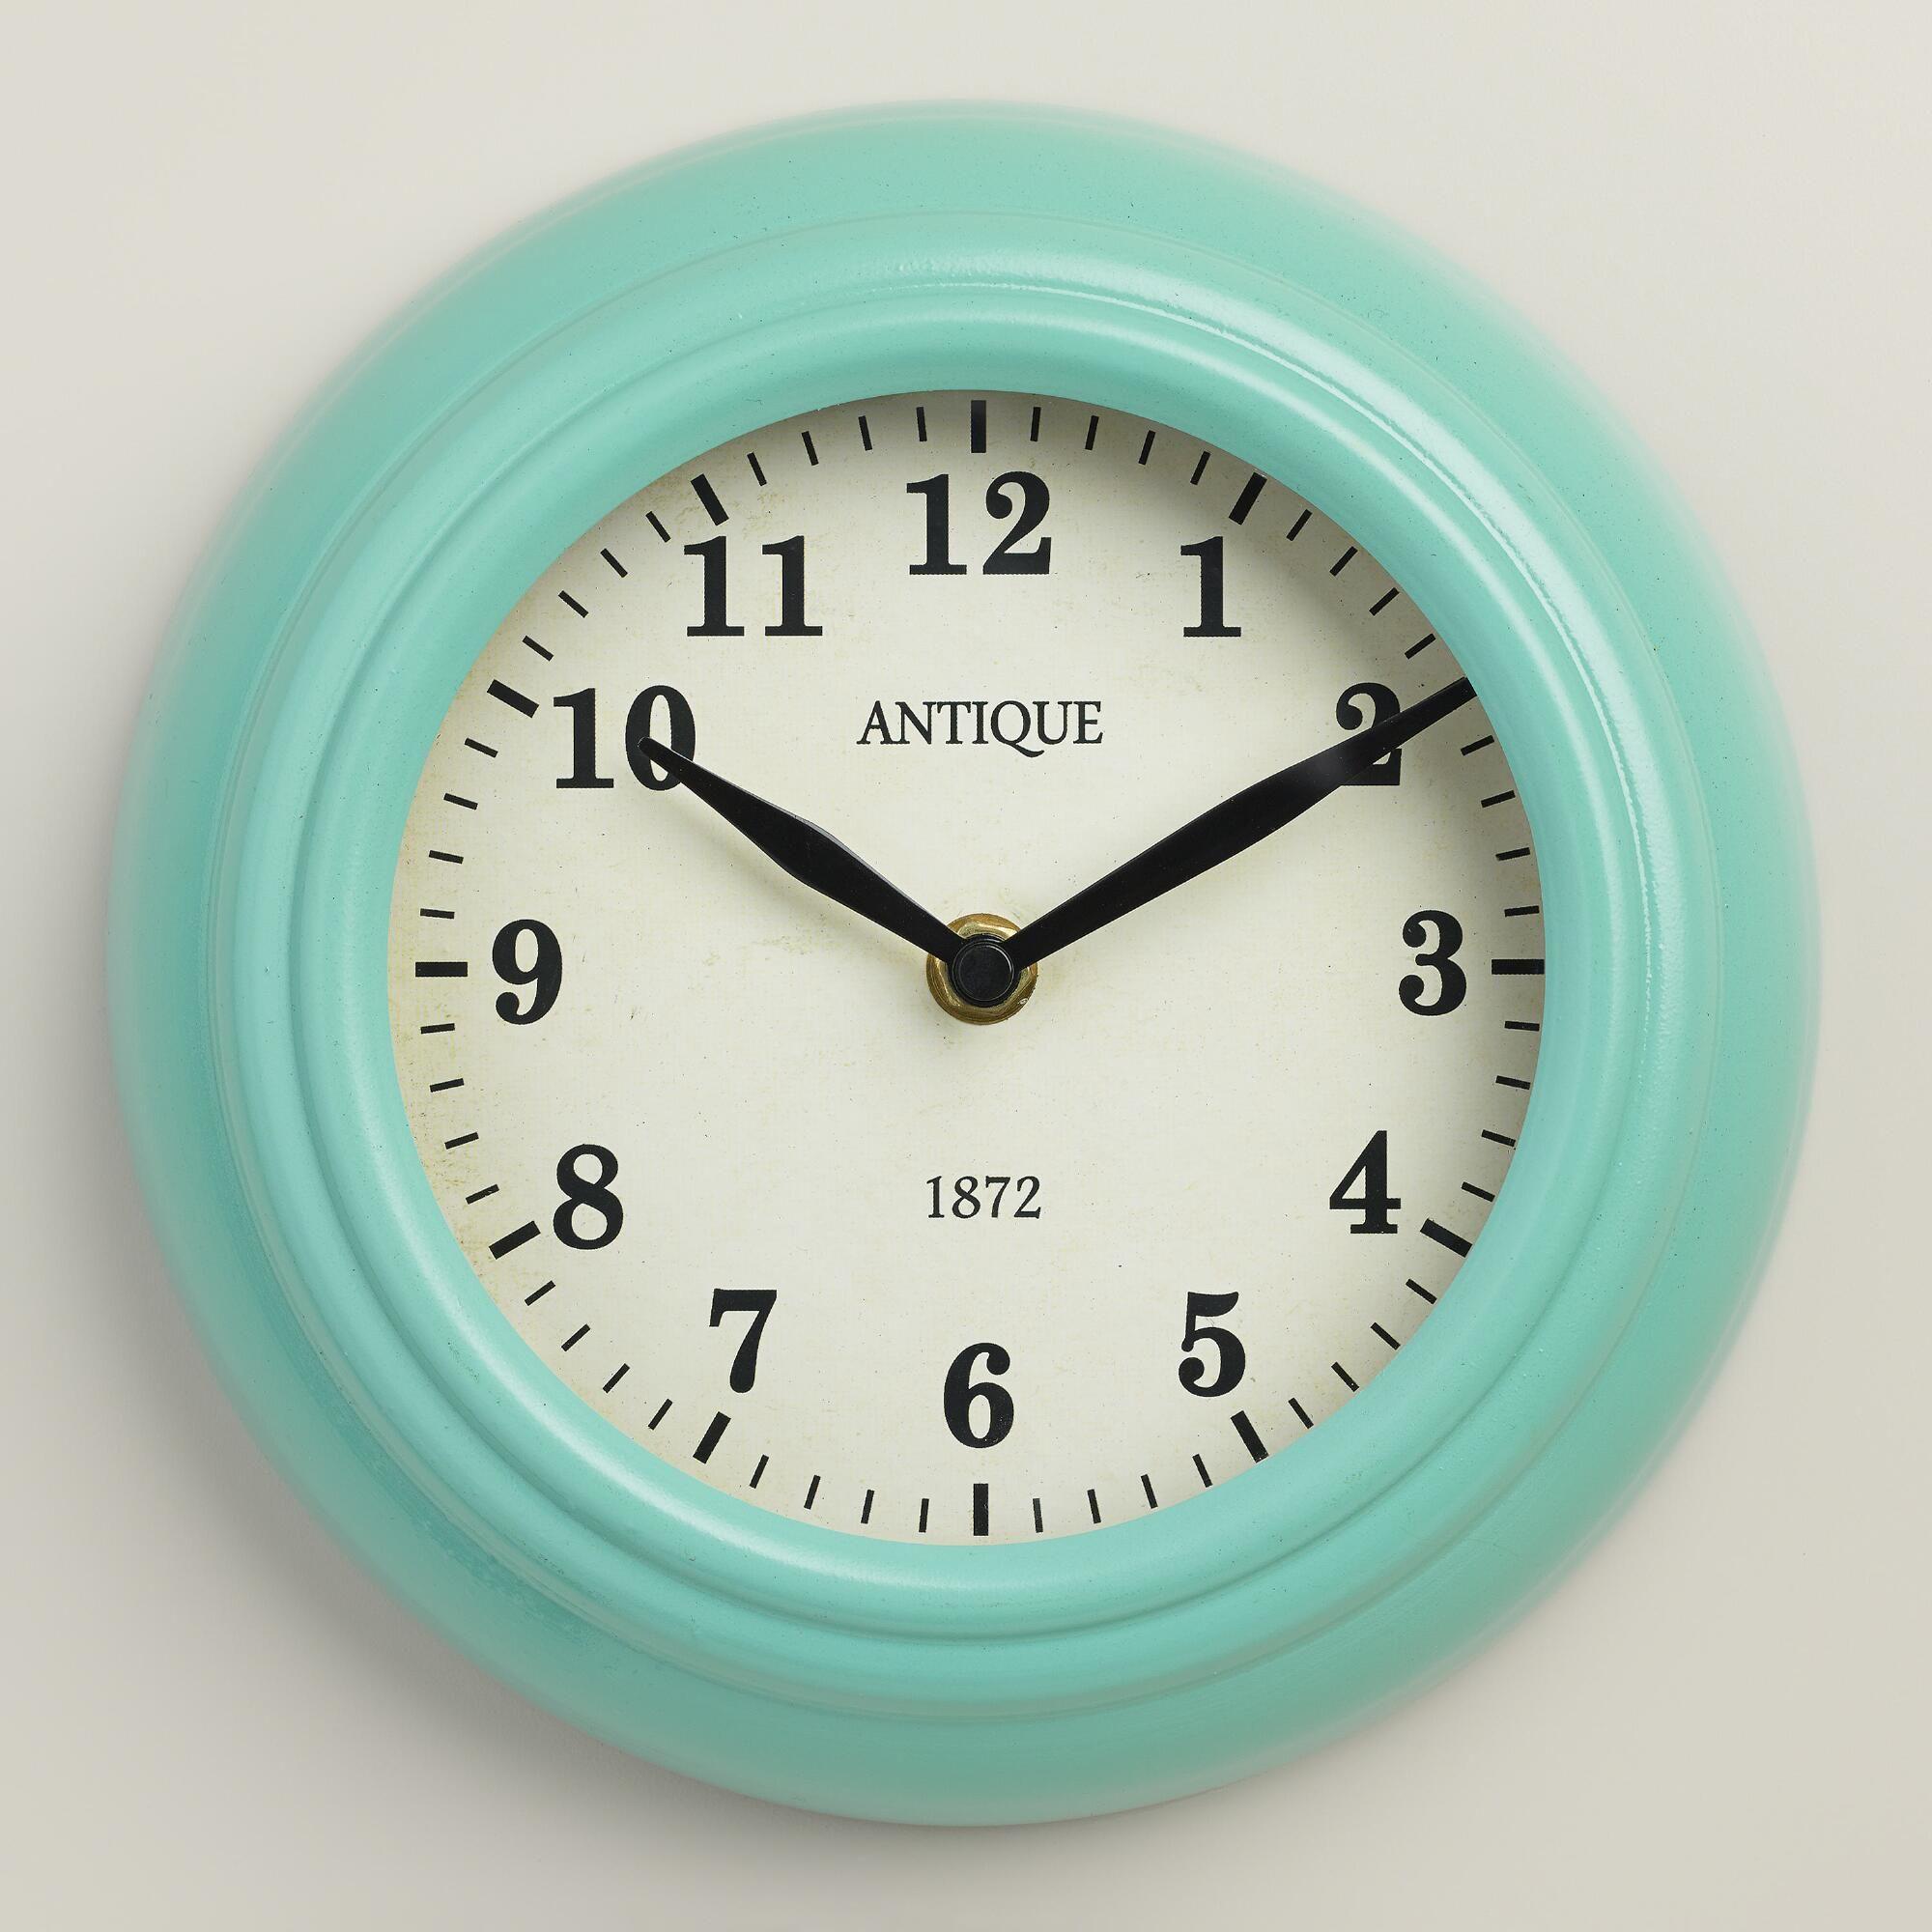 Aqua Retro Wall Clock - World Market